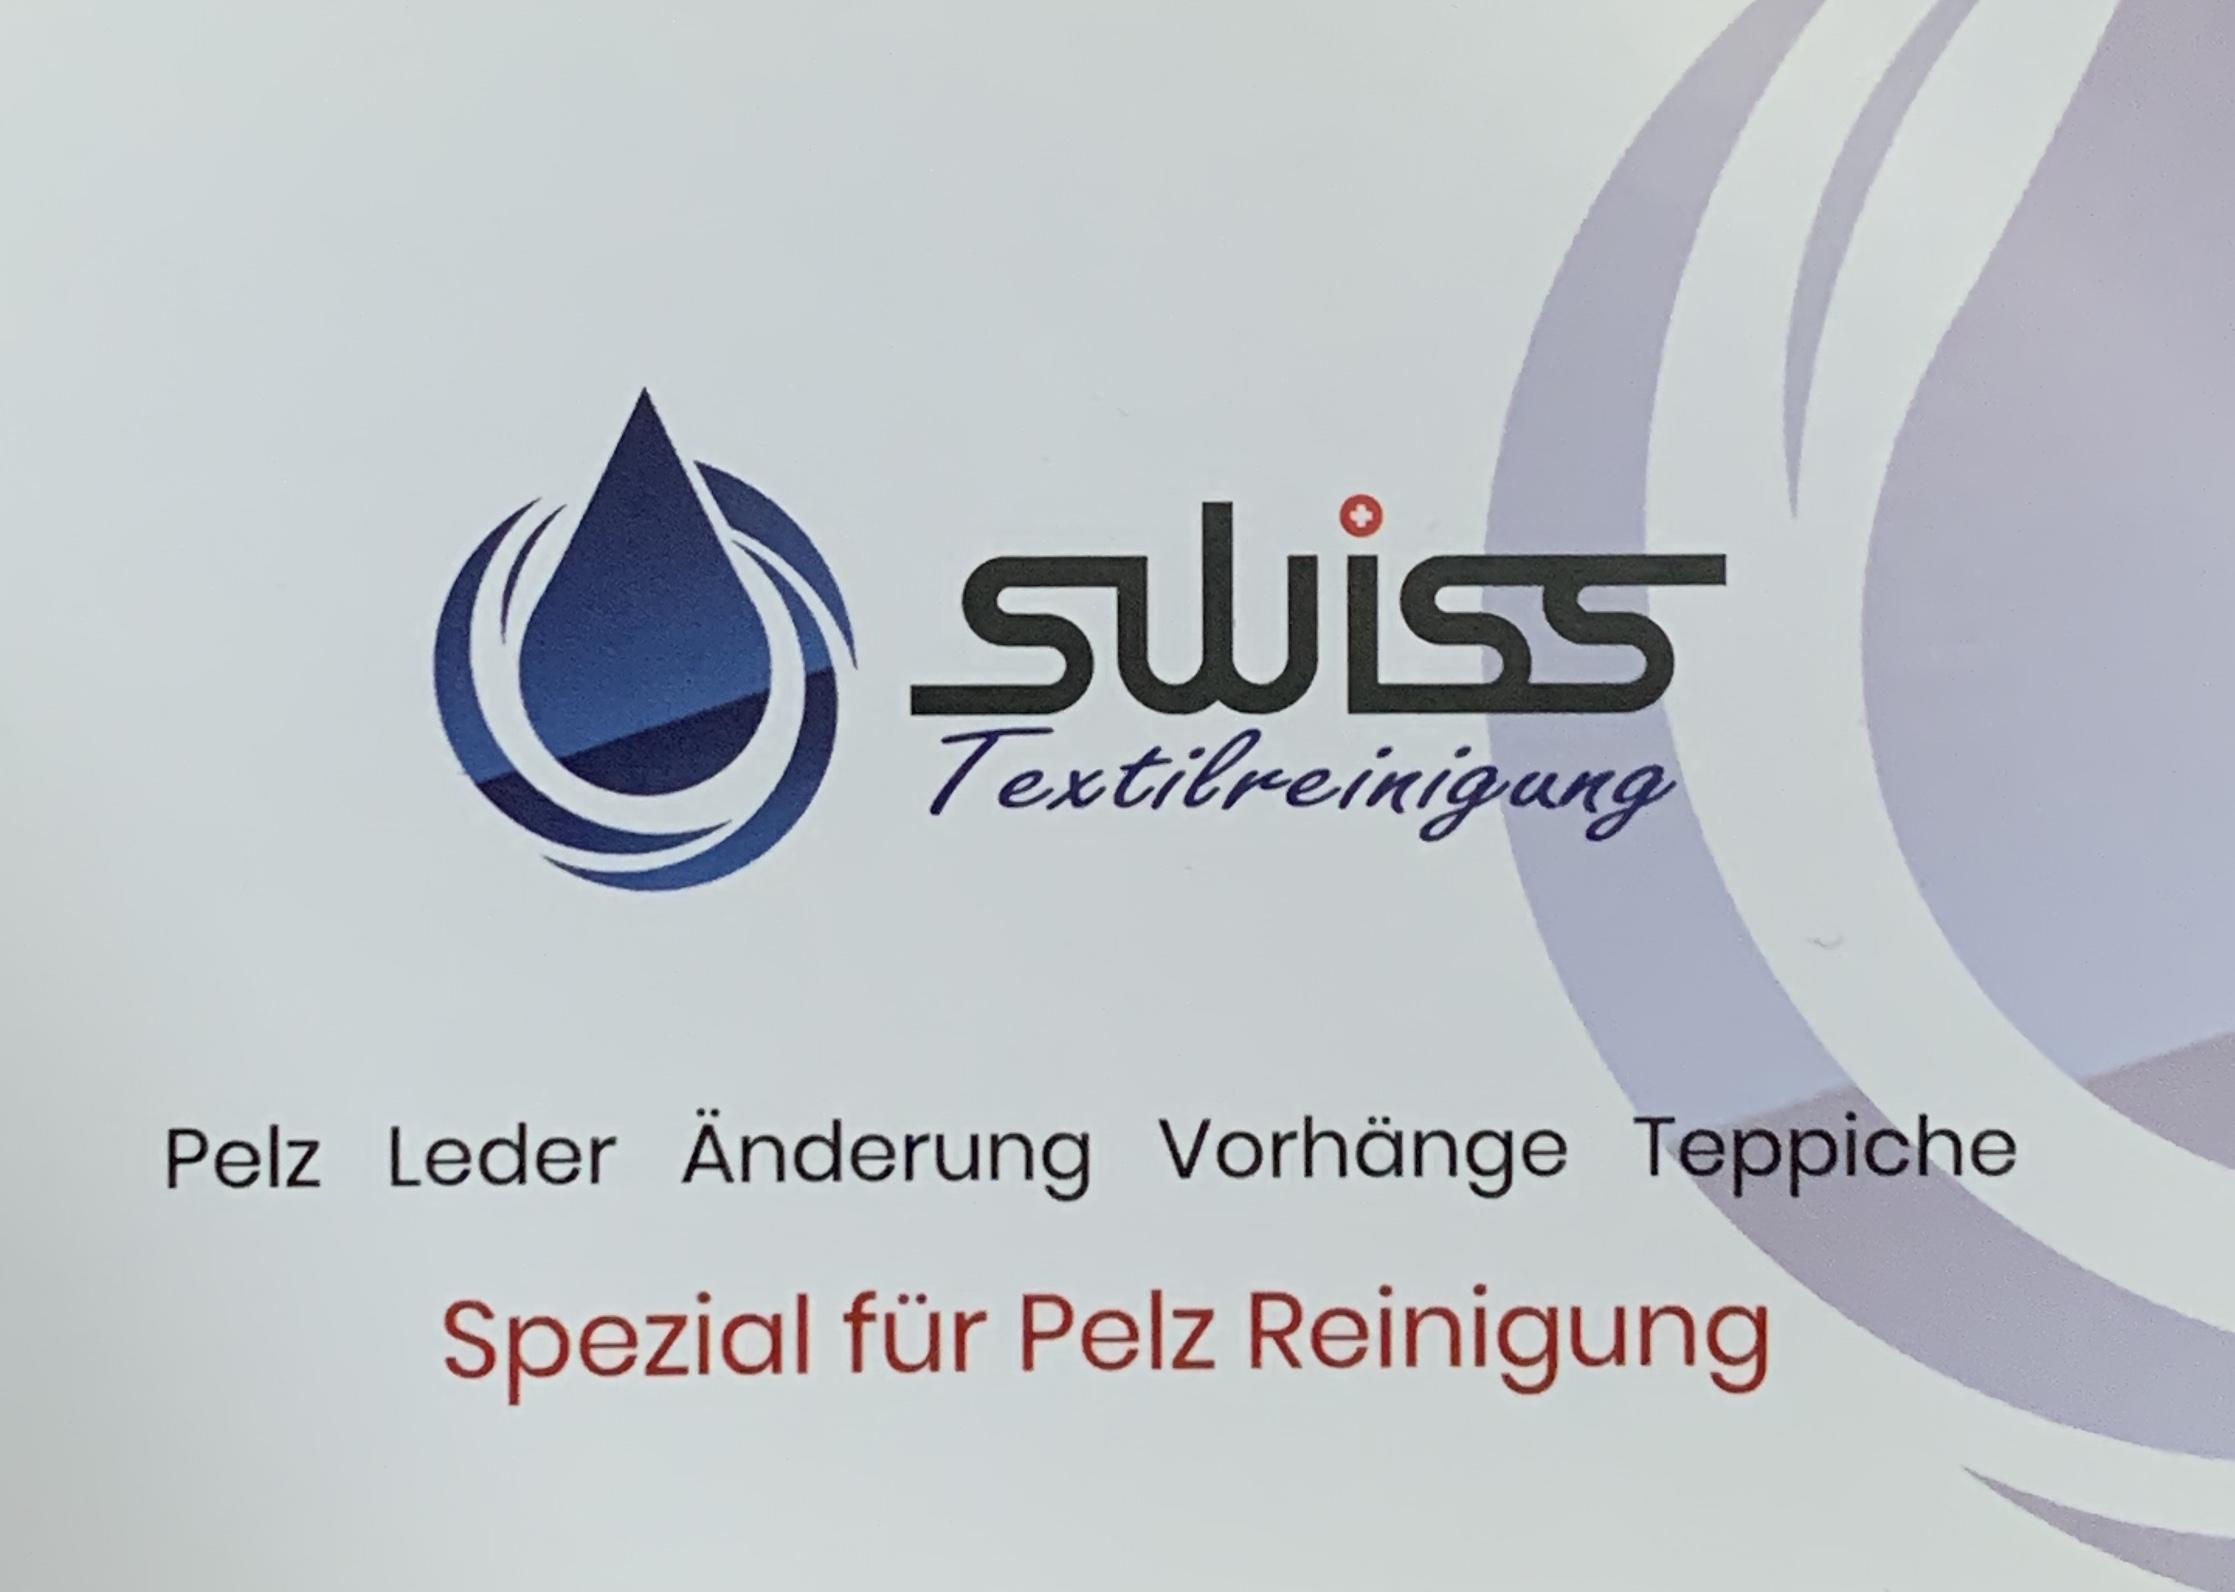 Swiss Textilreinigung